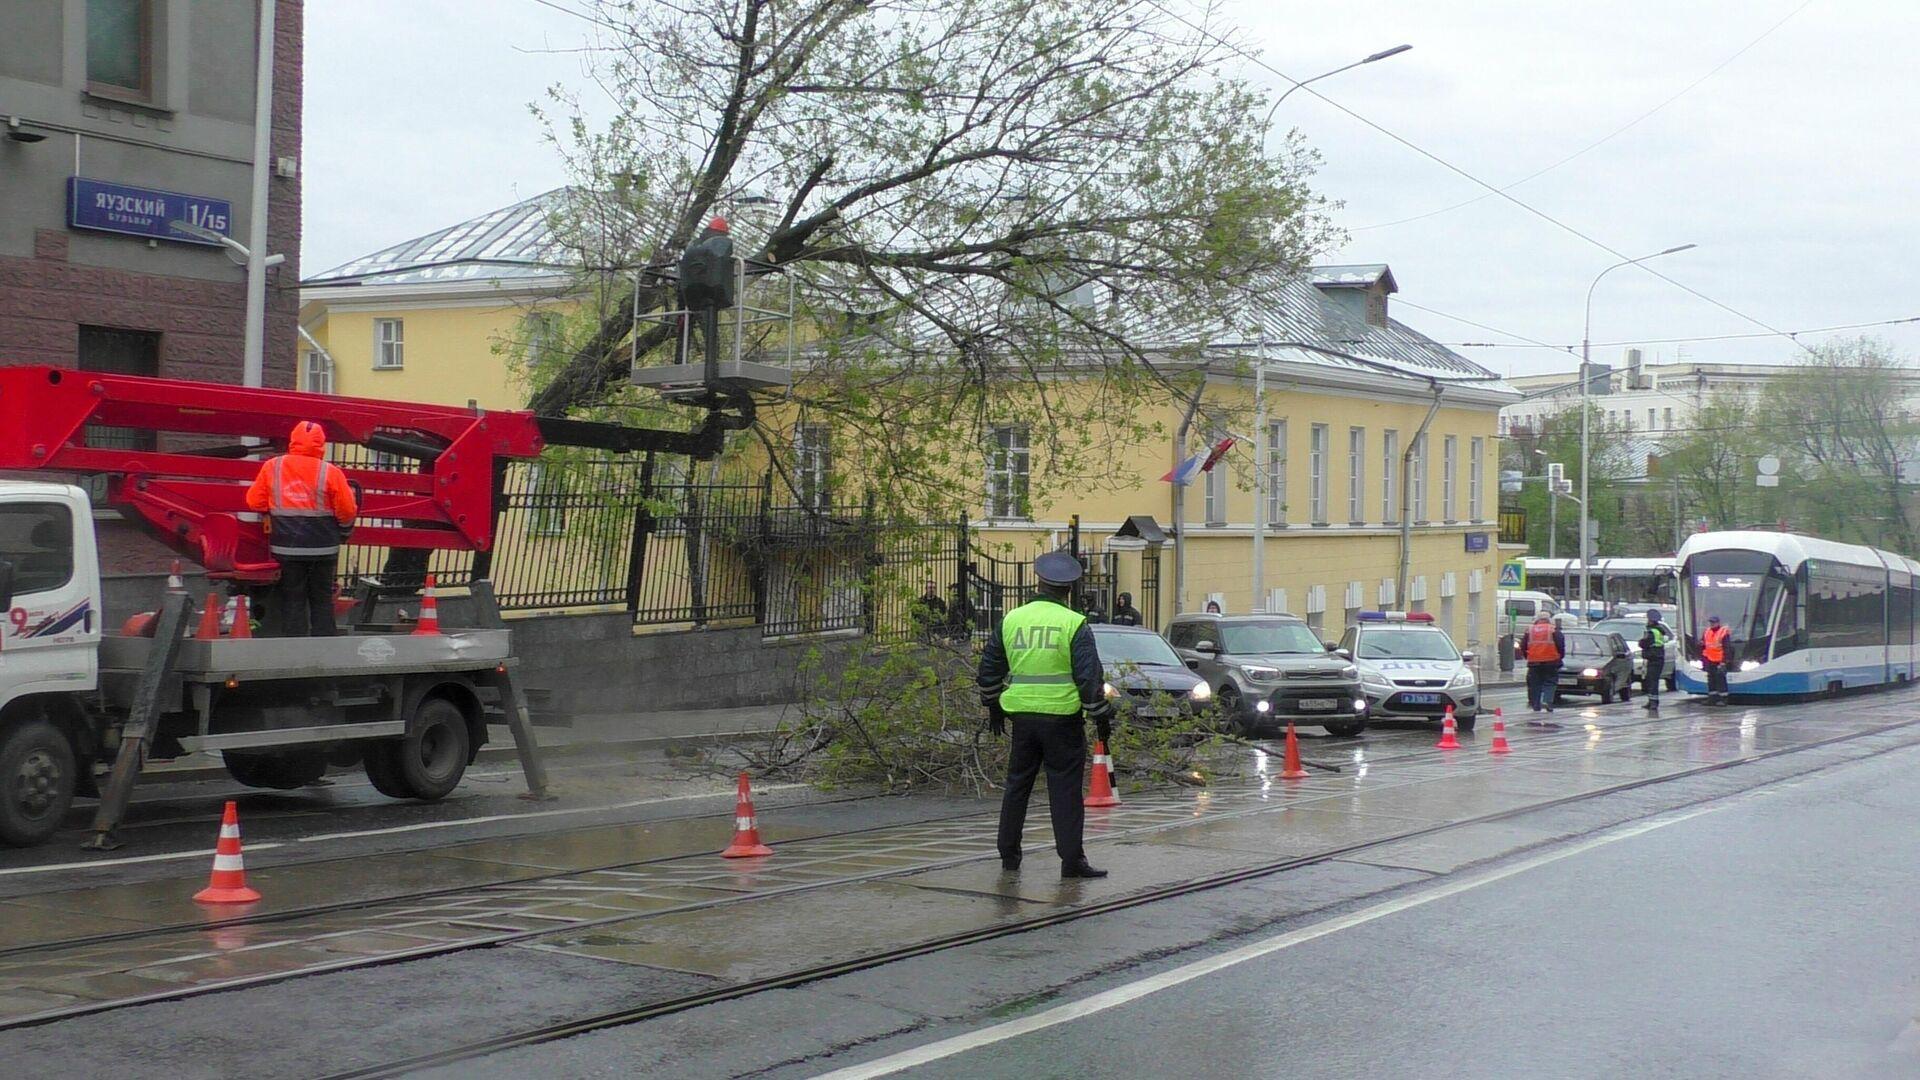 Аварийные службы устраняют последствия упавшего дерева на проезжую часть на Яузском бульваре - РИА Новости, 1920, 12.06.2021